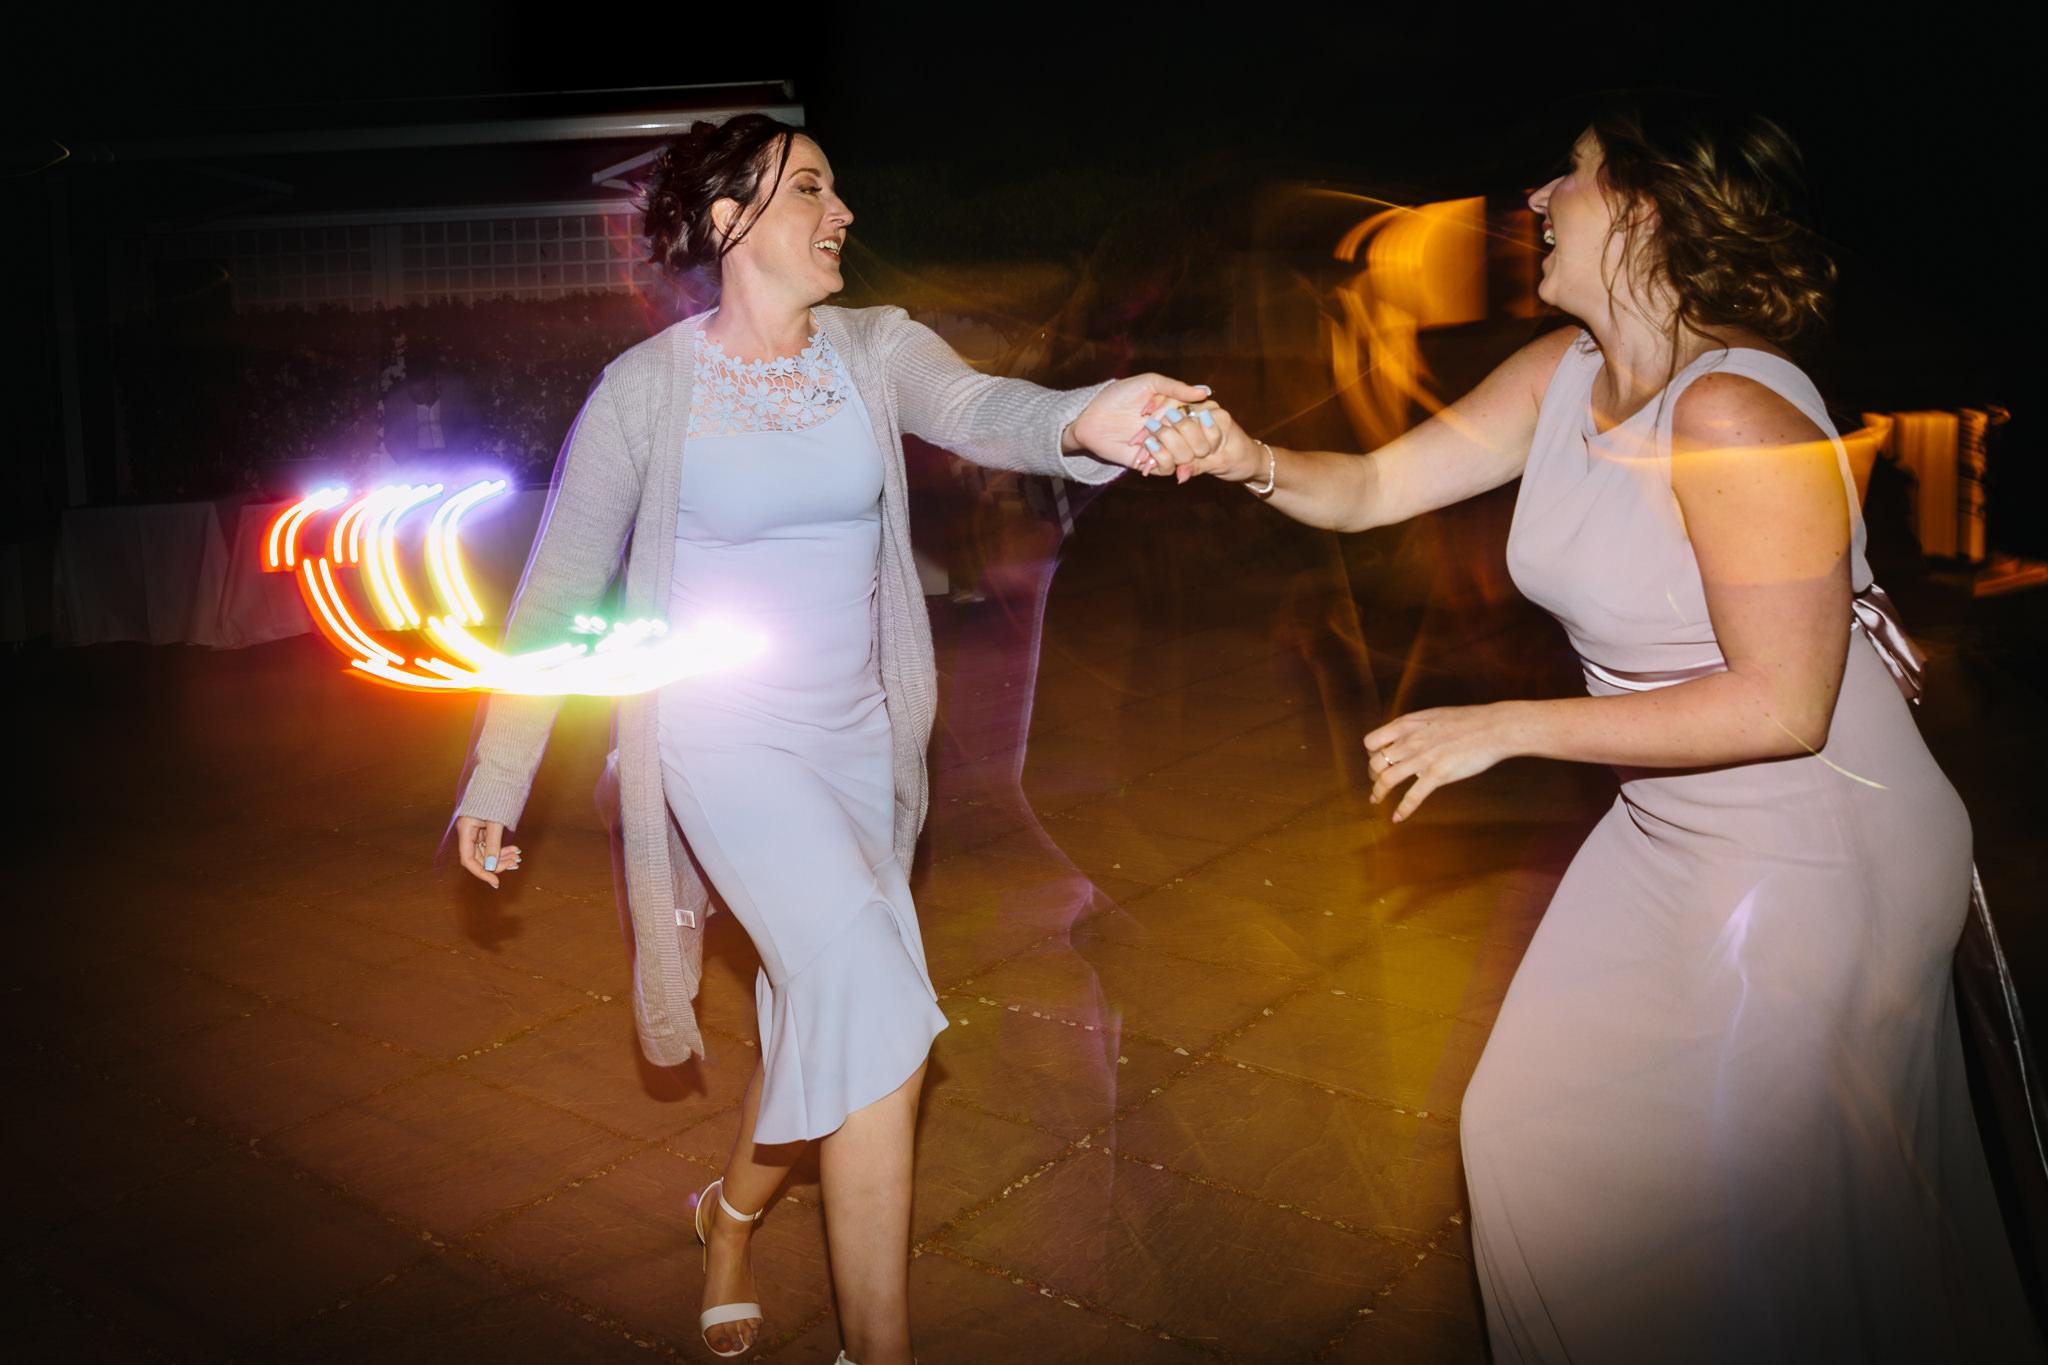 069-2019-04-27-Wedding-Michelle-e-Callum-5DE-947